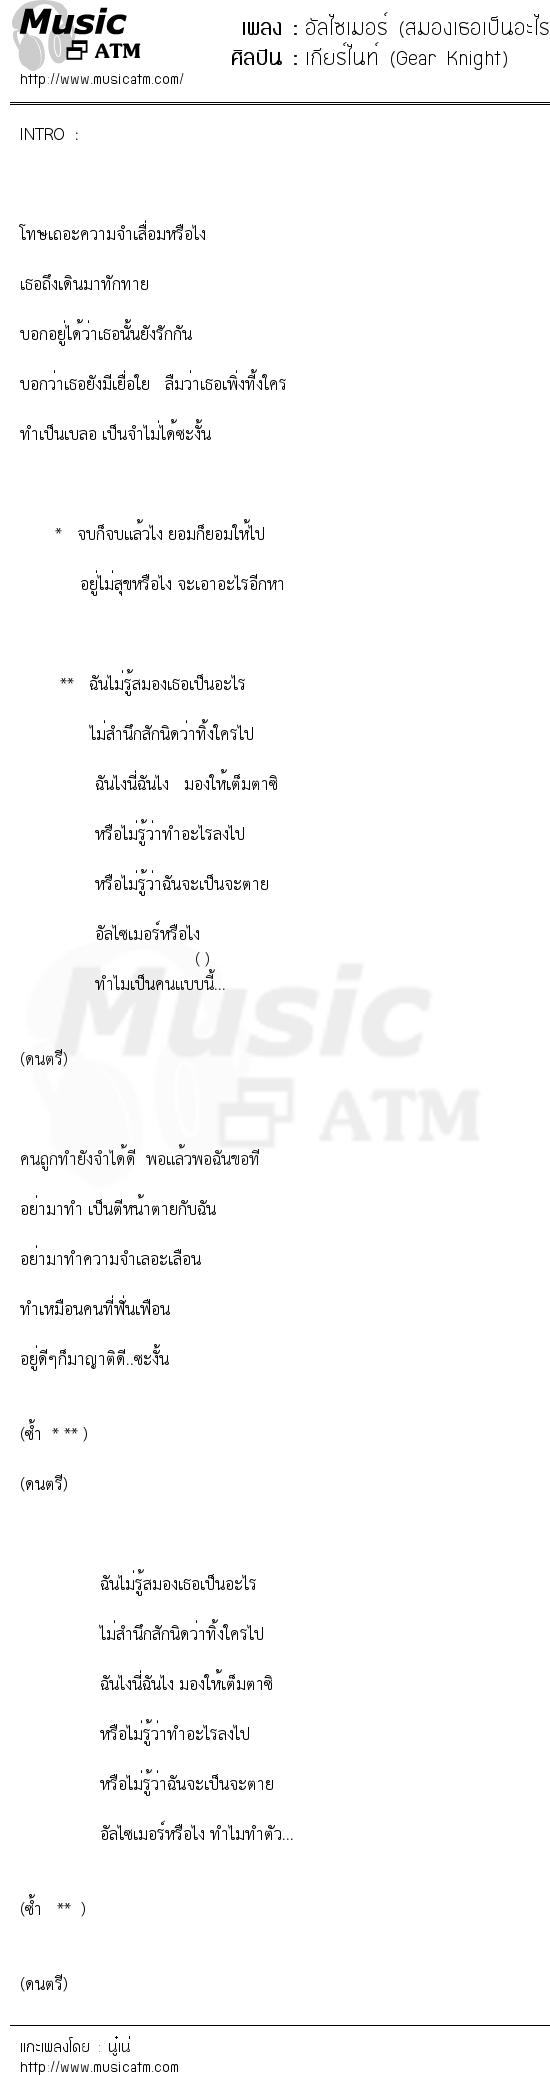 เนื้อเพลง อัลไซเมอร์ (สมองเธอเป็นอะไร?) - เกียร์ไนท์ (Gear Knight)   เพลงไทย